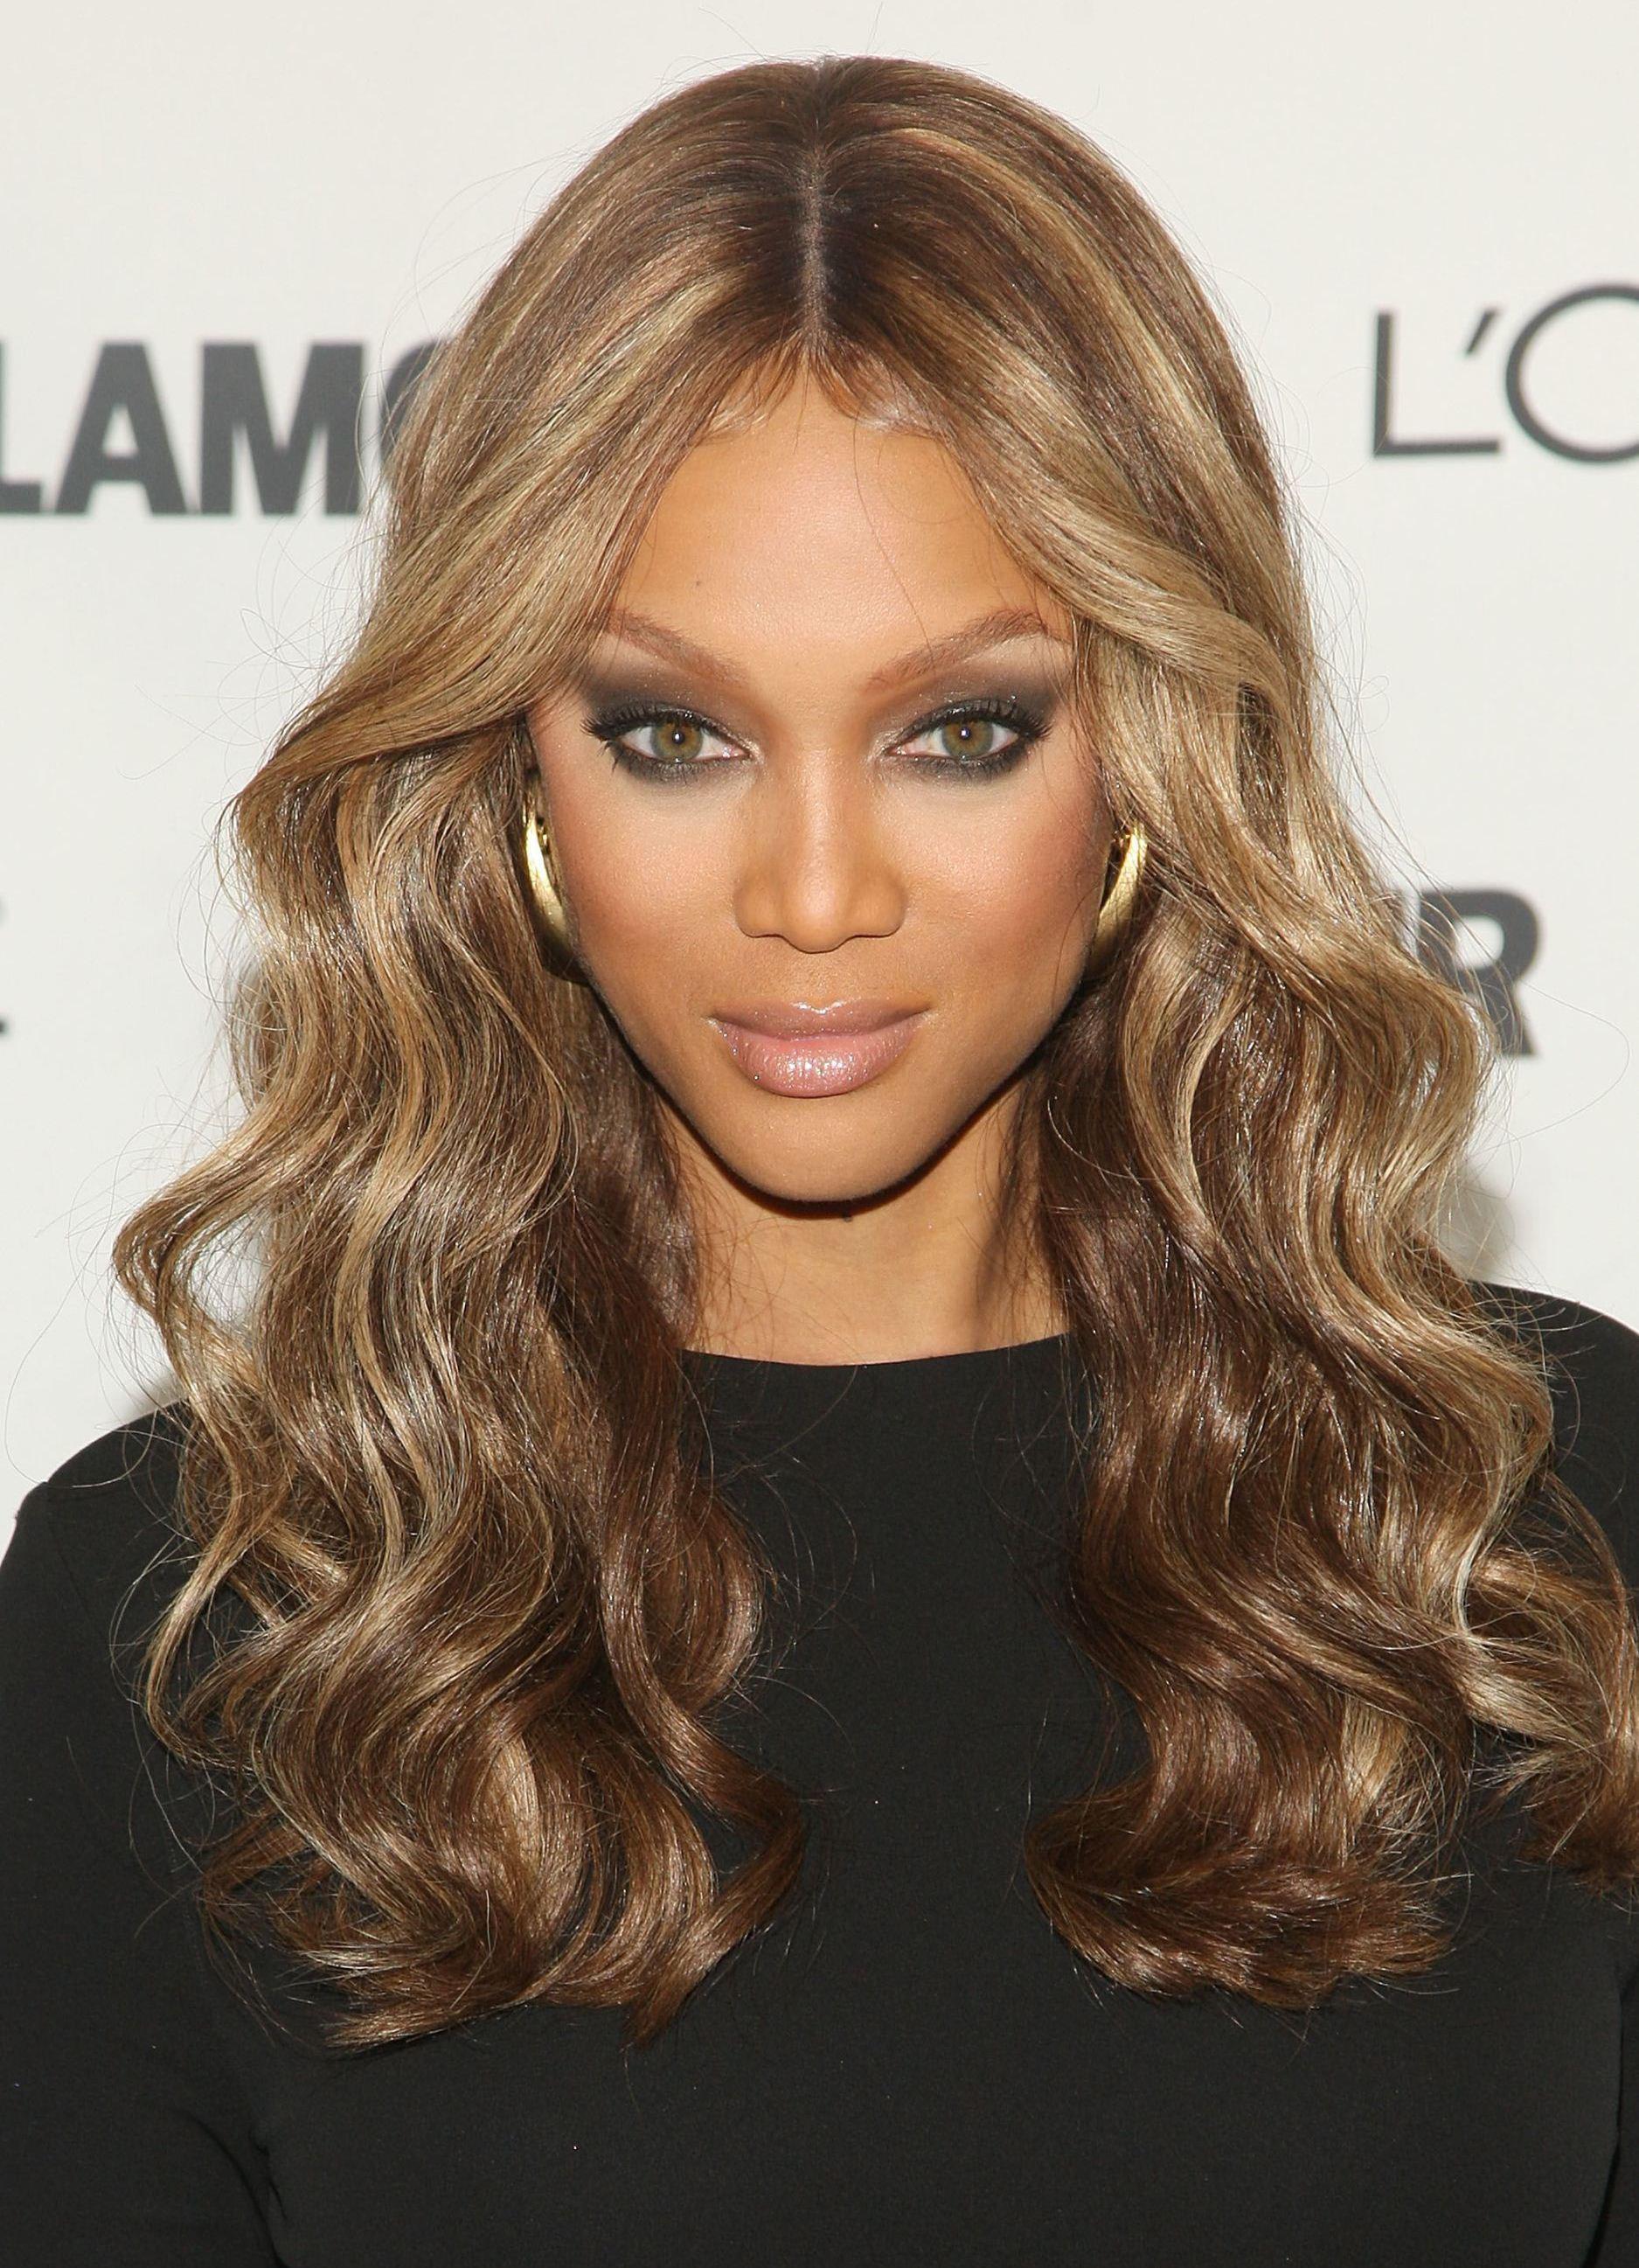 image33-20   Брондирование волос: описание, виды, техника выполнения для любой длины и цвета волос